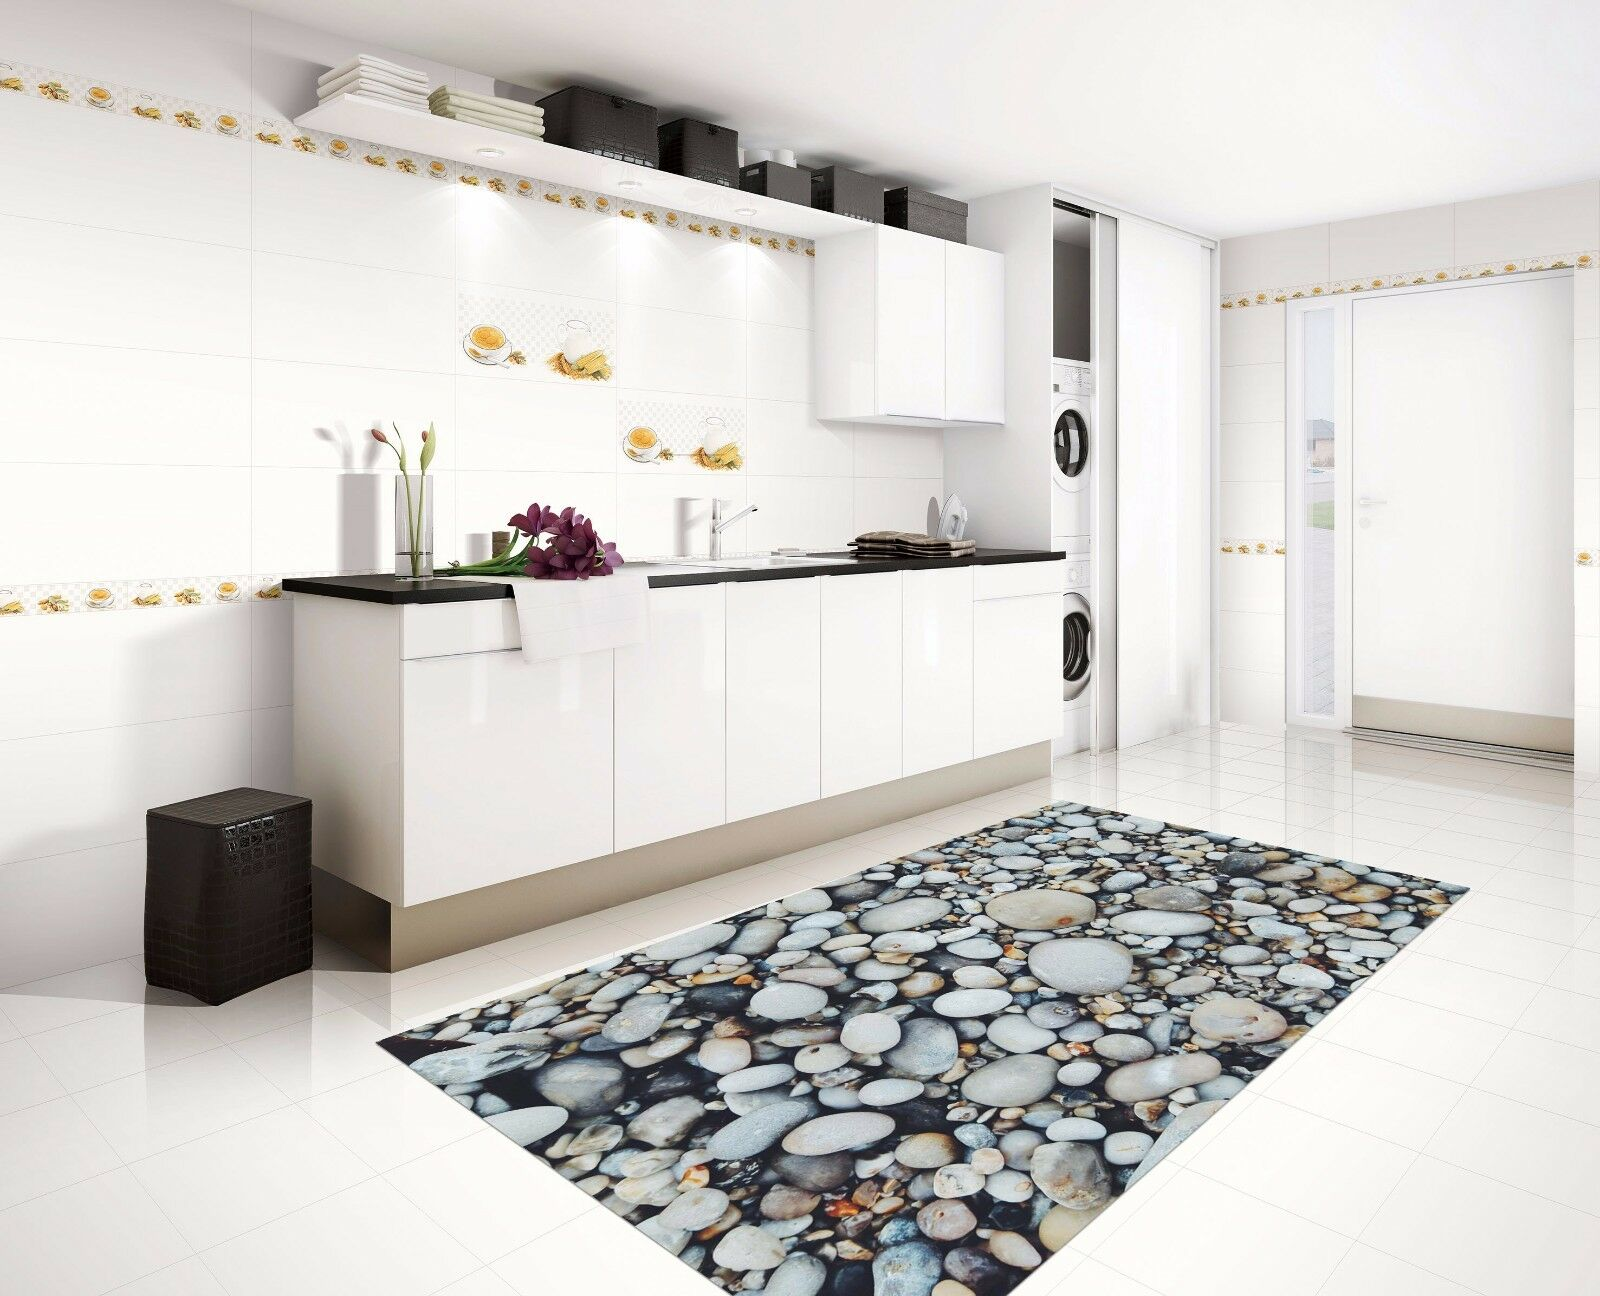 3D Dense Stones 1 Kitchen Mat Floor Murals Wall Print Wall Deco AJ WALLPAPER AU